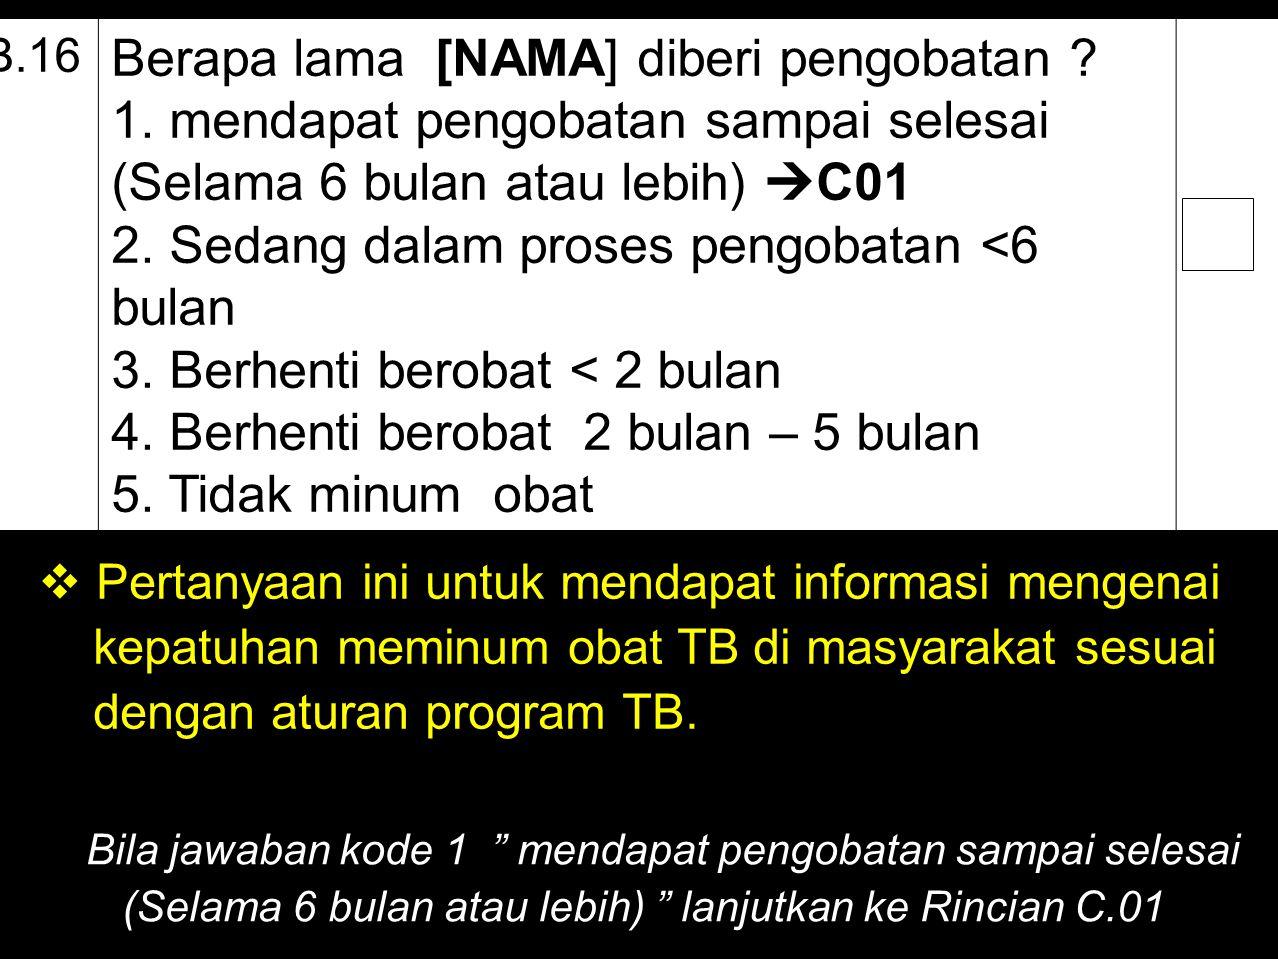 B.16 Berapa lama [NAMA] diberi pengobatan ? 1. mendapat pengobatan sampai selesai (Selama 6 bulan atau lebih)  C01 2. Sedang dalam proses pengobatan